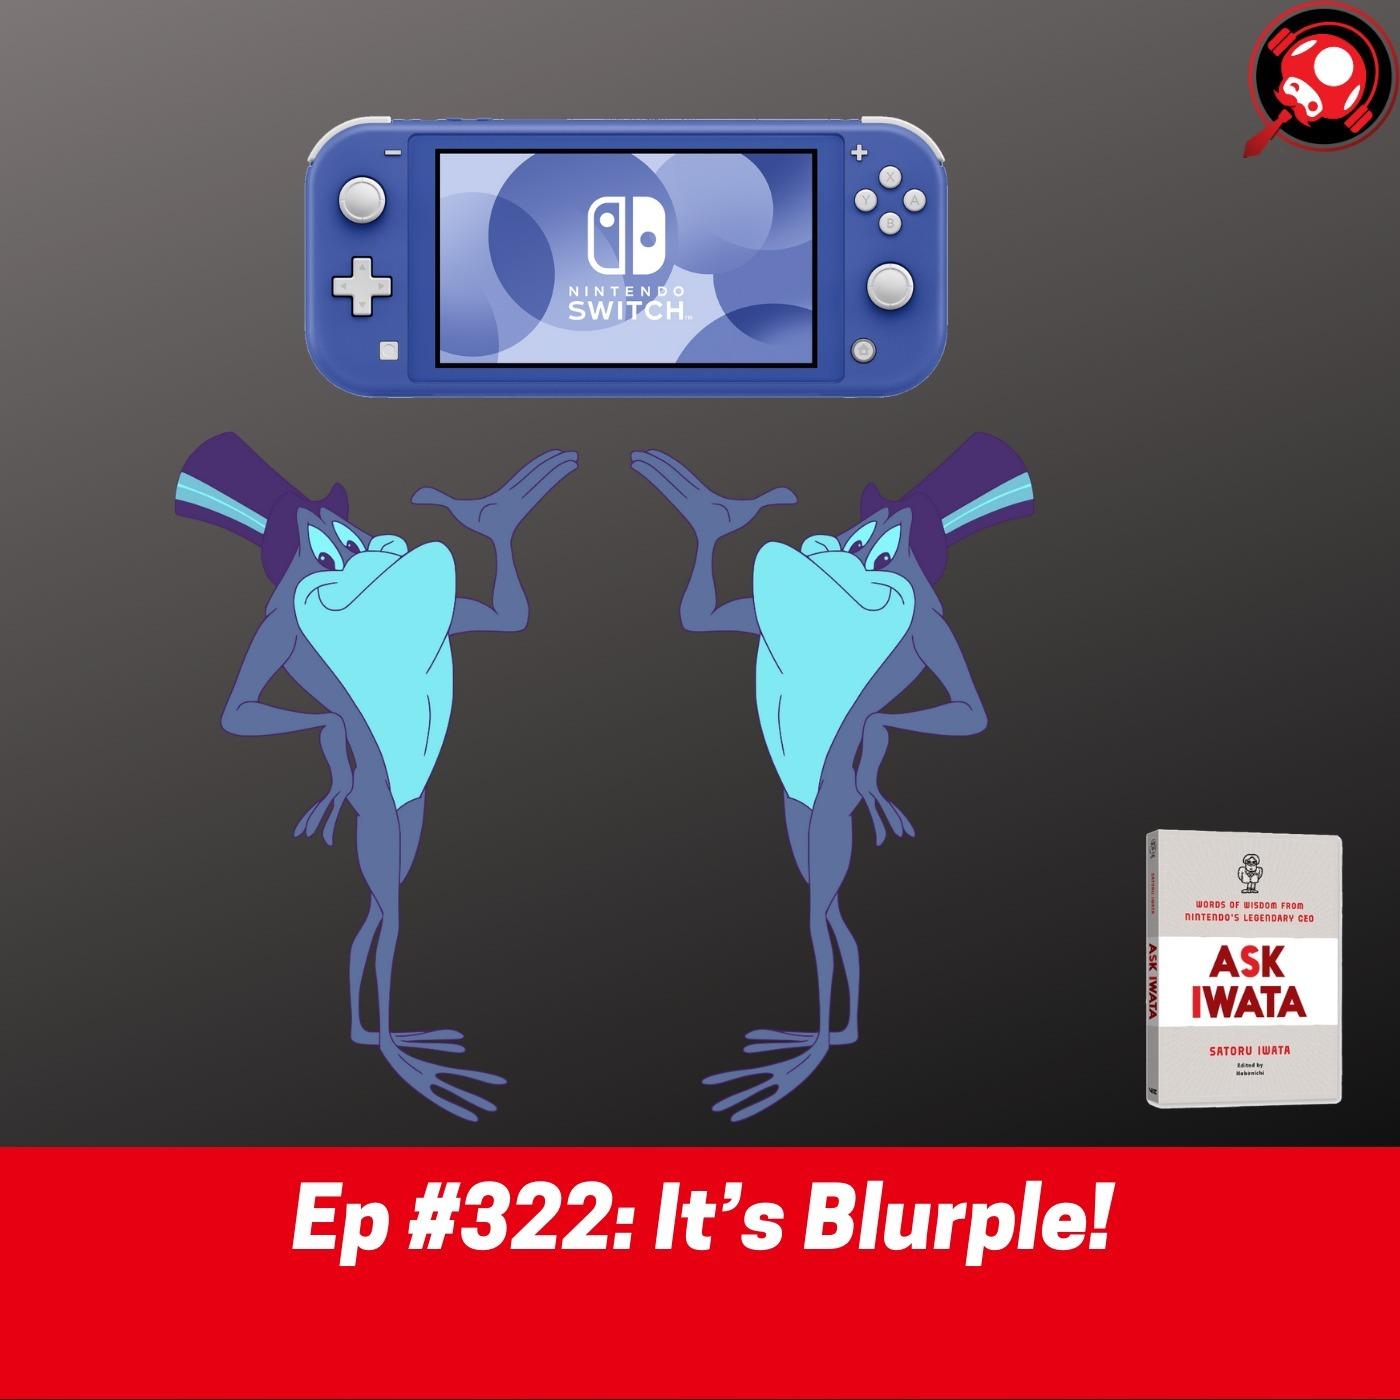 #322: It's Blurple!